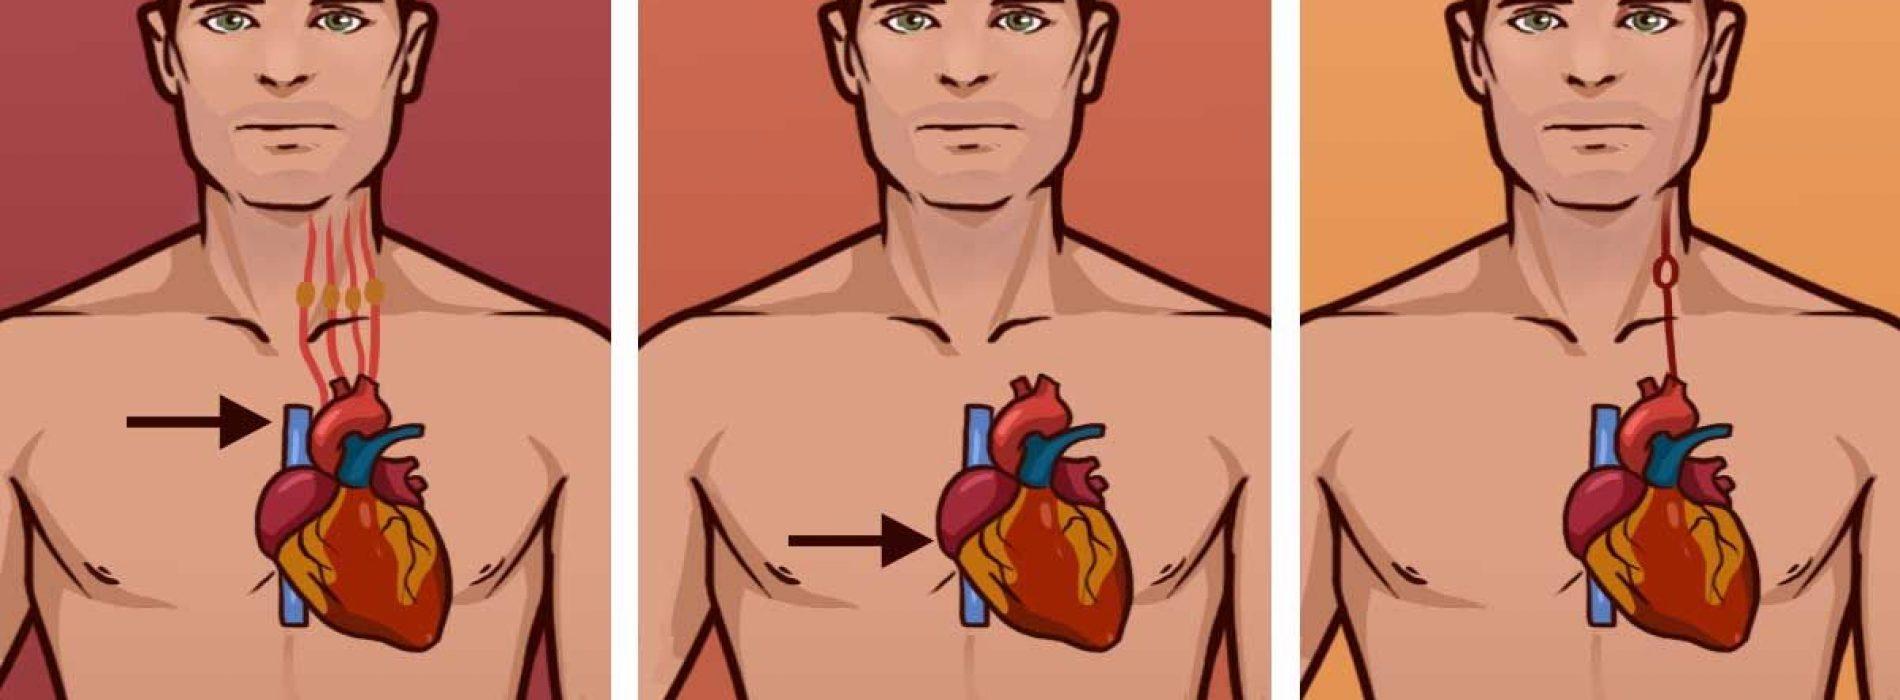 Ken het verschil tussen een hartaanval, een hartstilstand en een beroerte. Het kan een leven redden